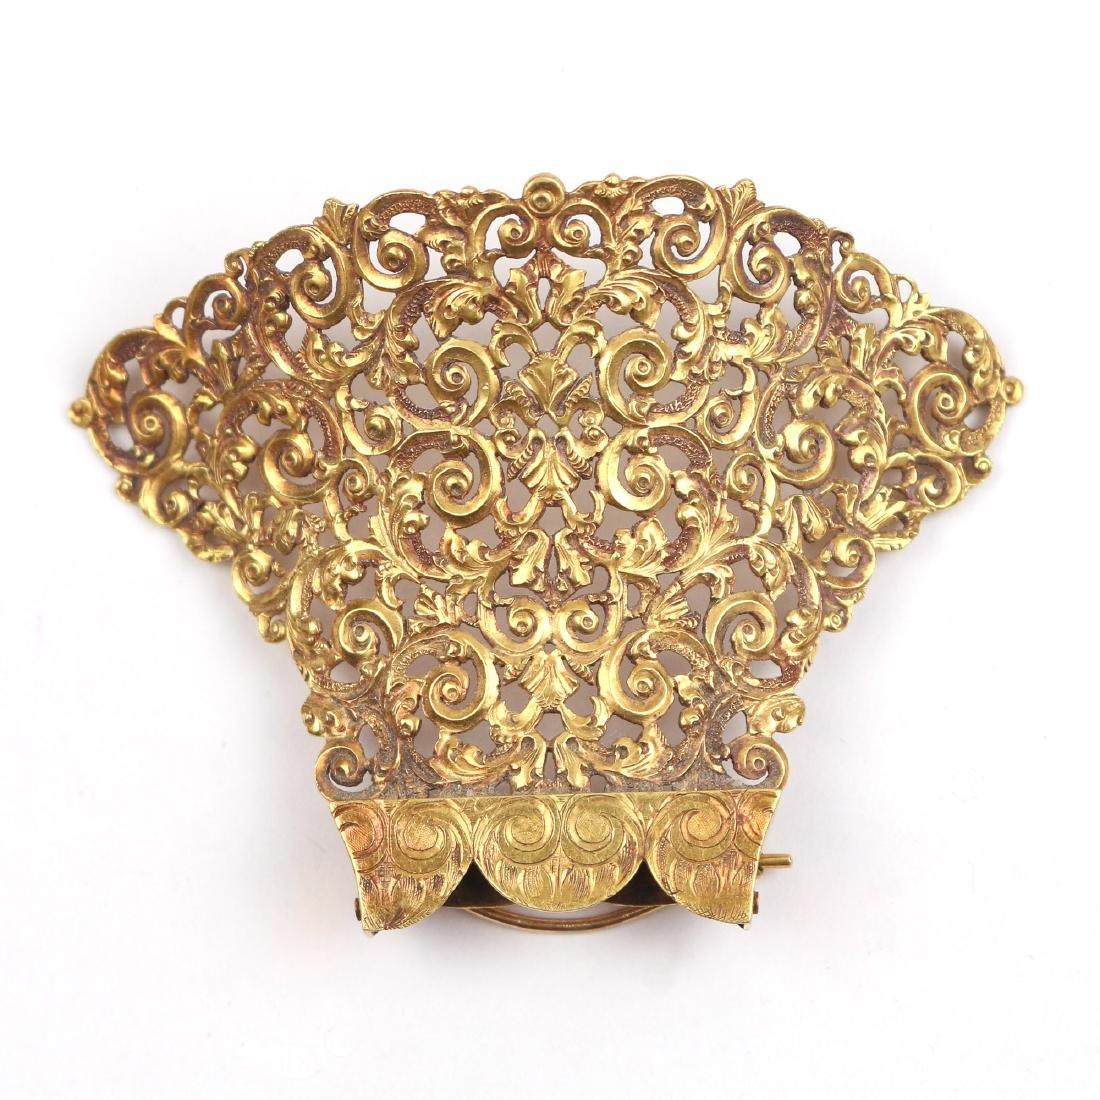 VICTORIAN GOLD HAIR CLIP